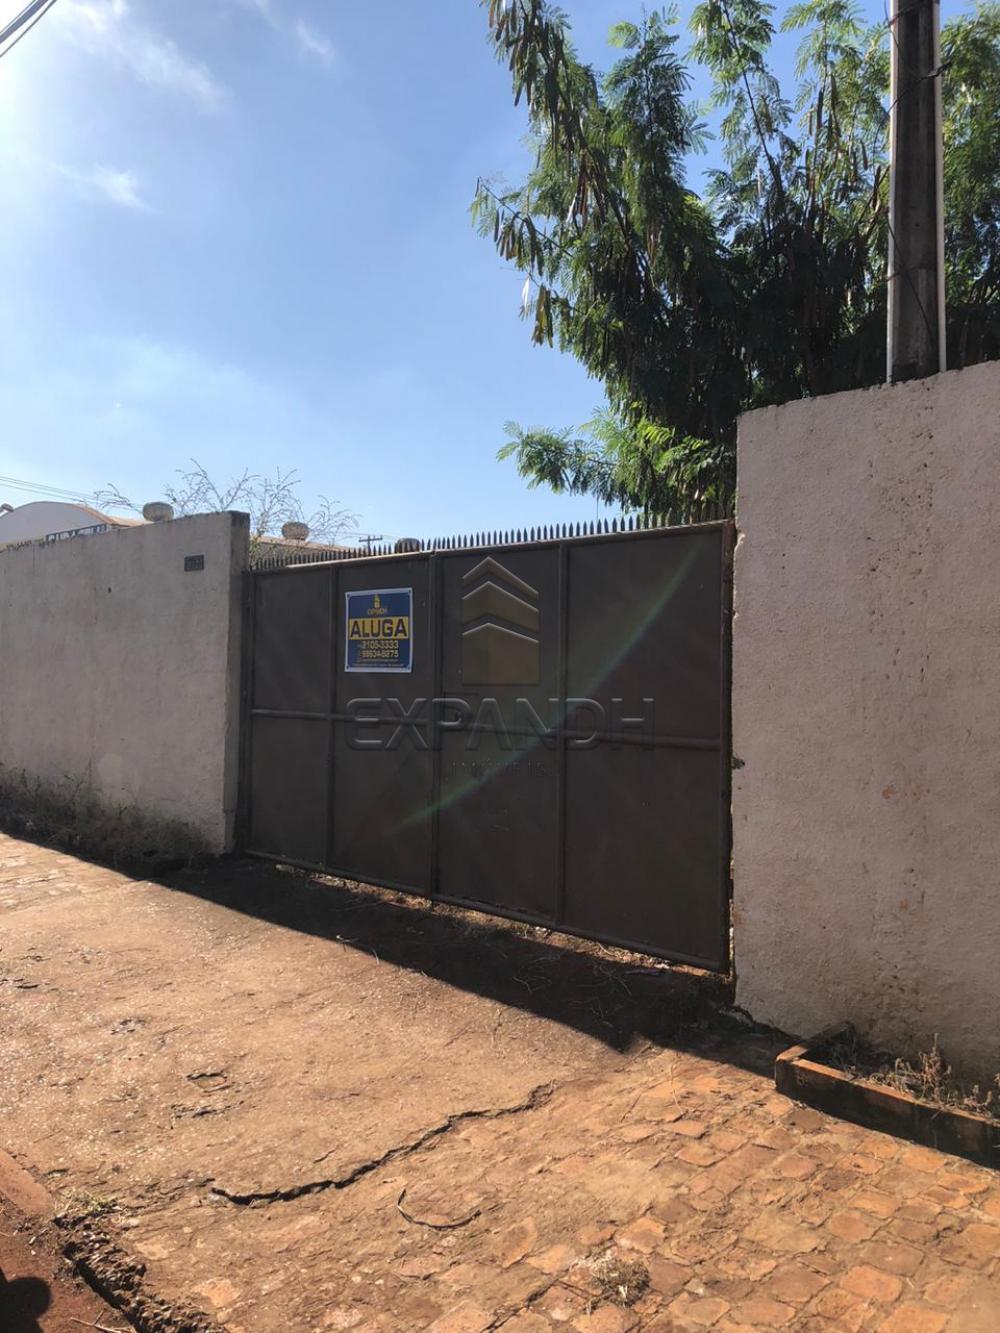 Alugar Terrenos / Área em Sertãozinho R$ 1.200,00 - Foto 1